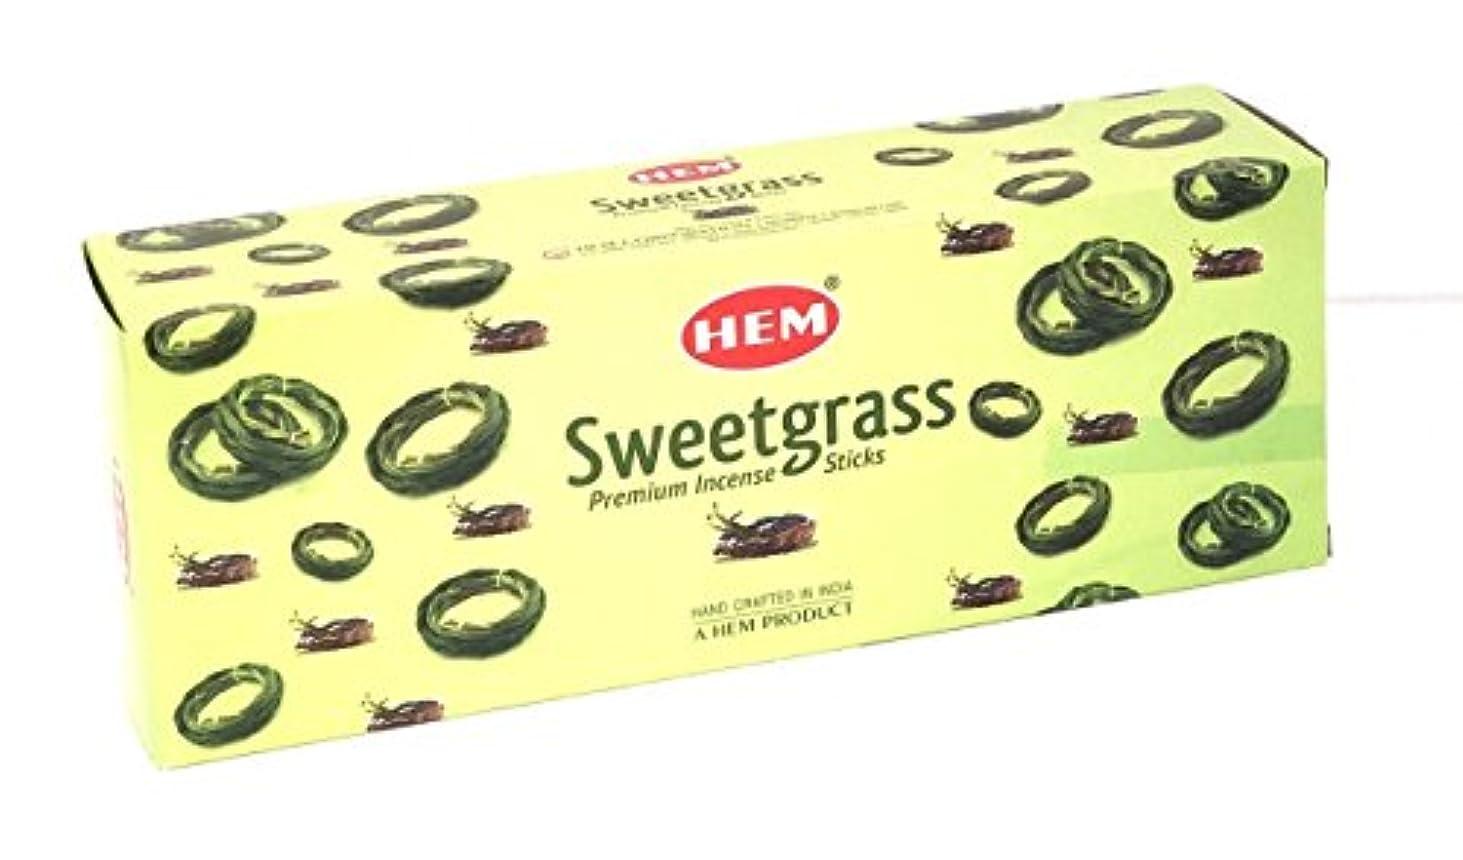 エクステント熱意十代の若者たち裾Sweetgrass Best Seller Incense Bulk 6 x 20スティック( 120 Sticks ) by 4quarters & More